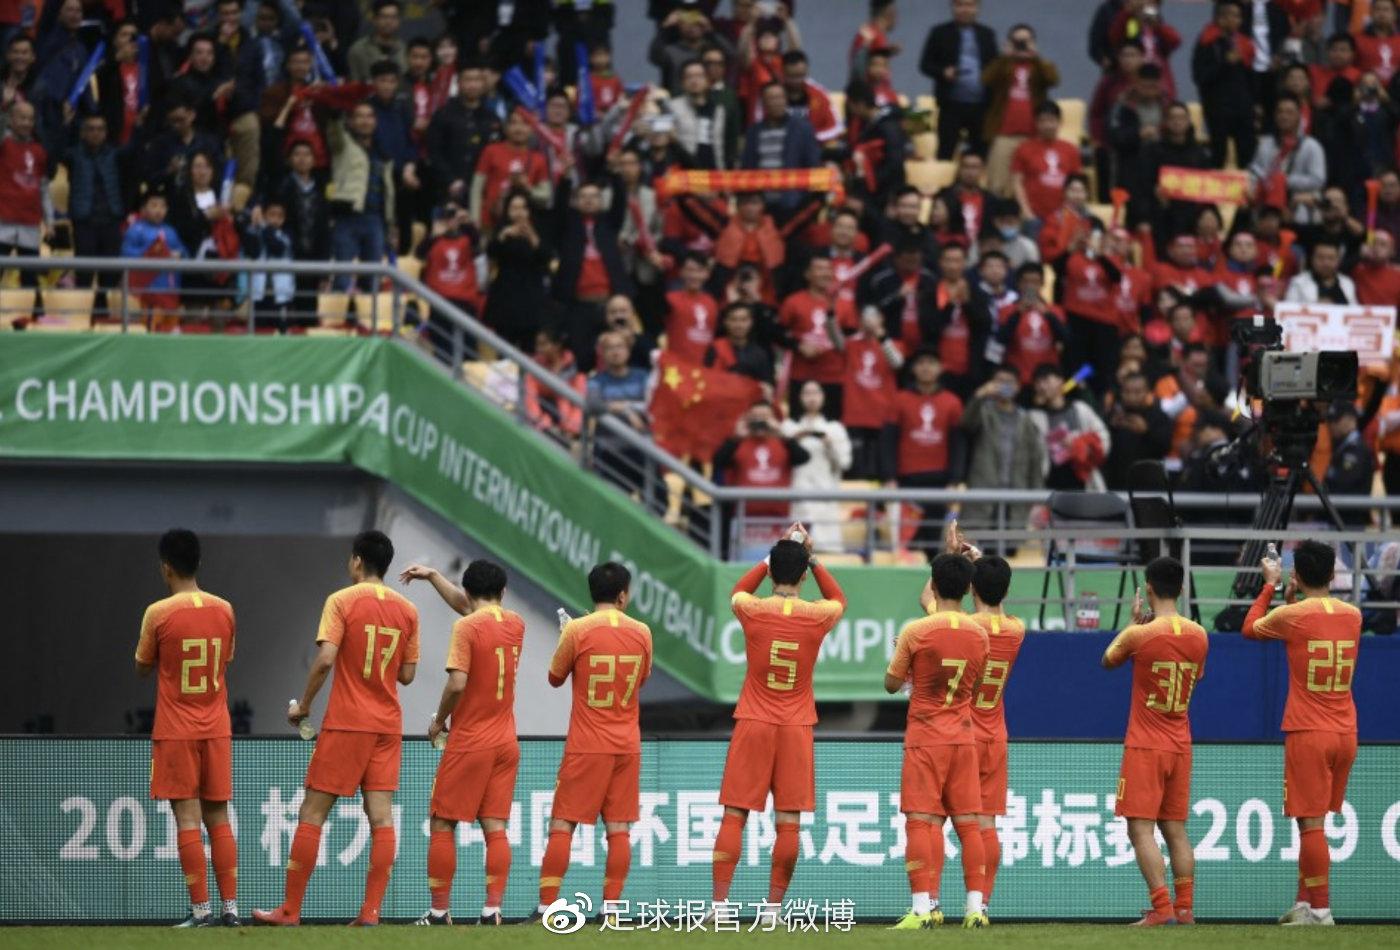 足球报:中国杯仍然会举办,时刻年夜概在9月乃至11月